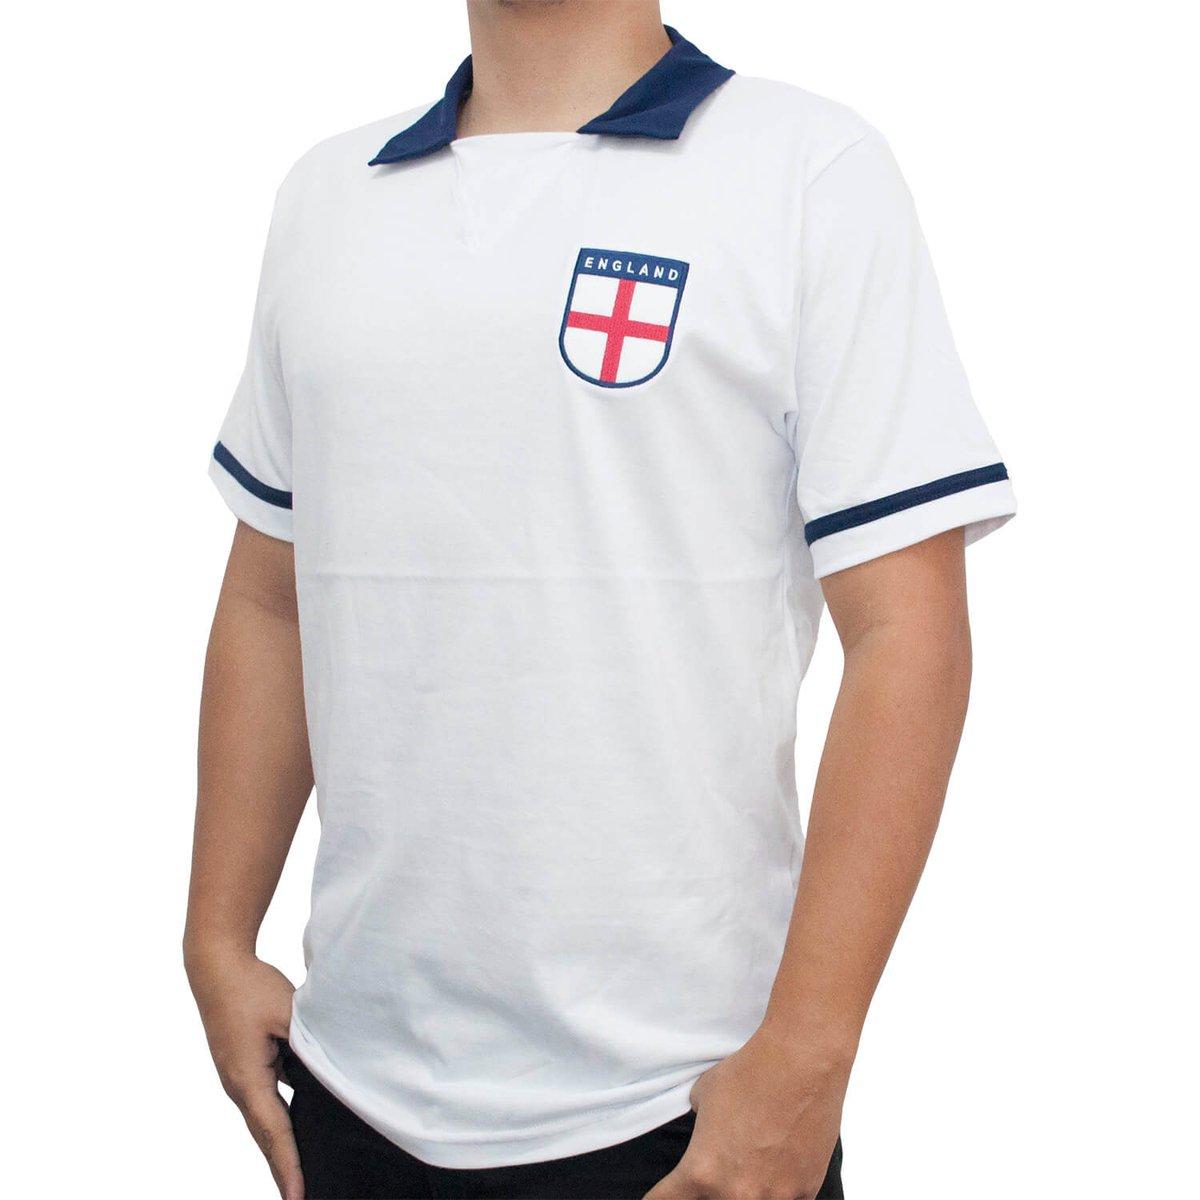 1d4f324e46 Camisa Retrô Mania Inglaterra 1990 Masculina - Branco - Compre Agora ...